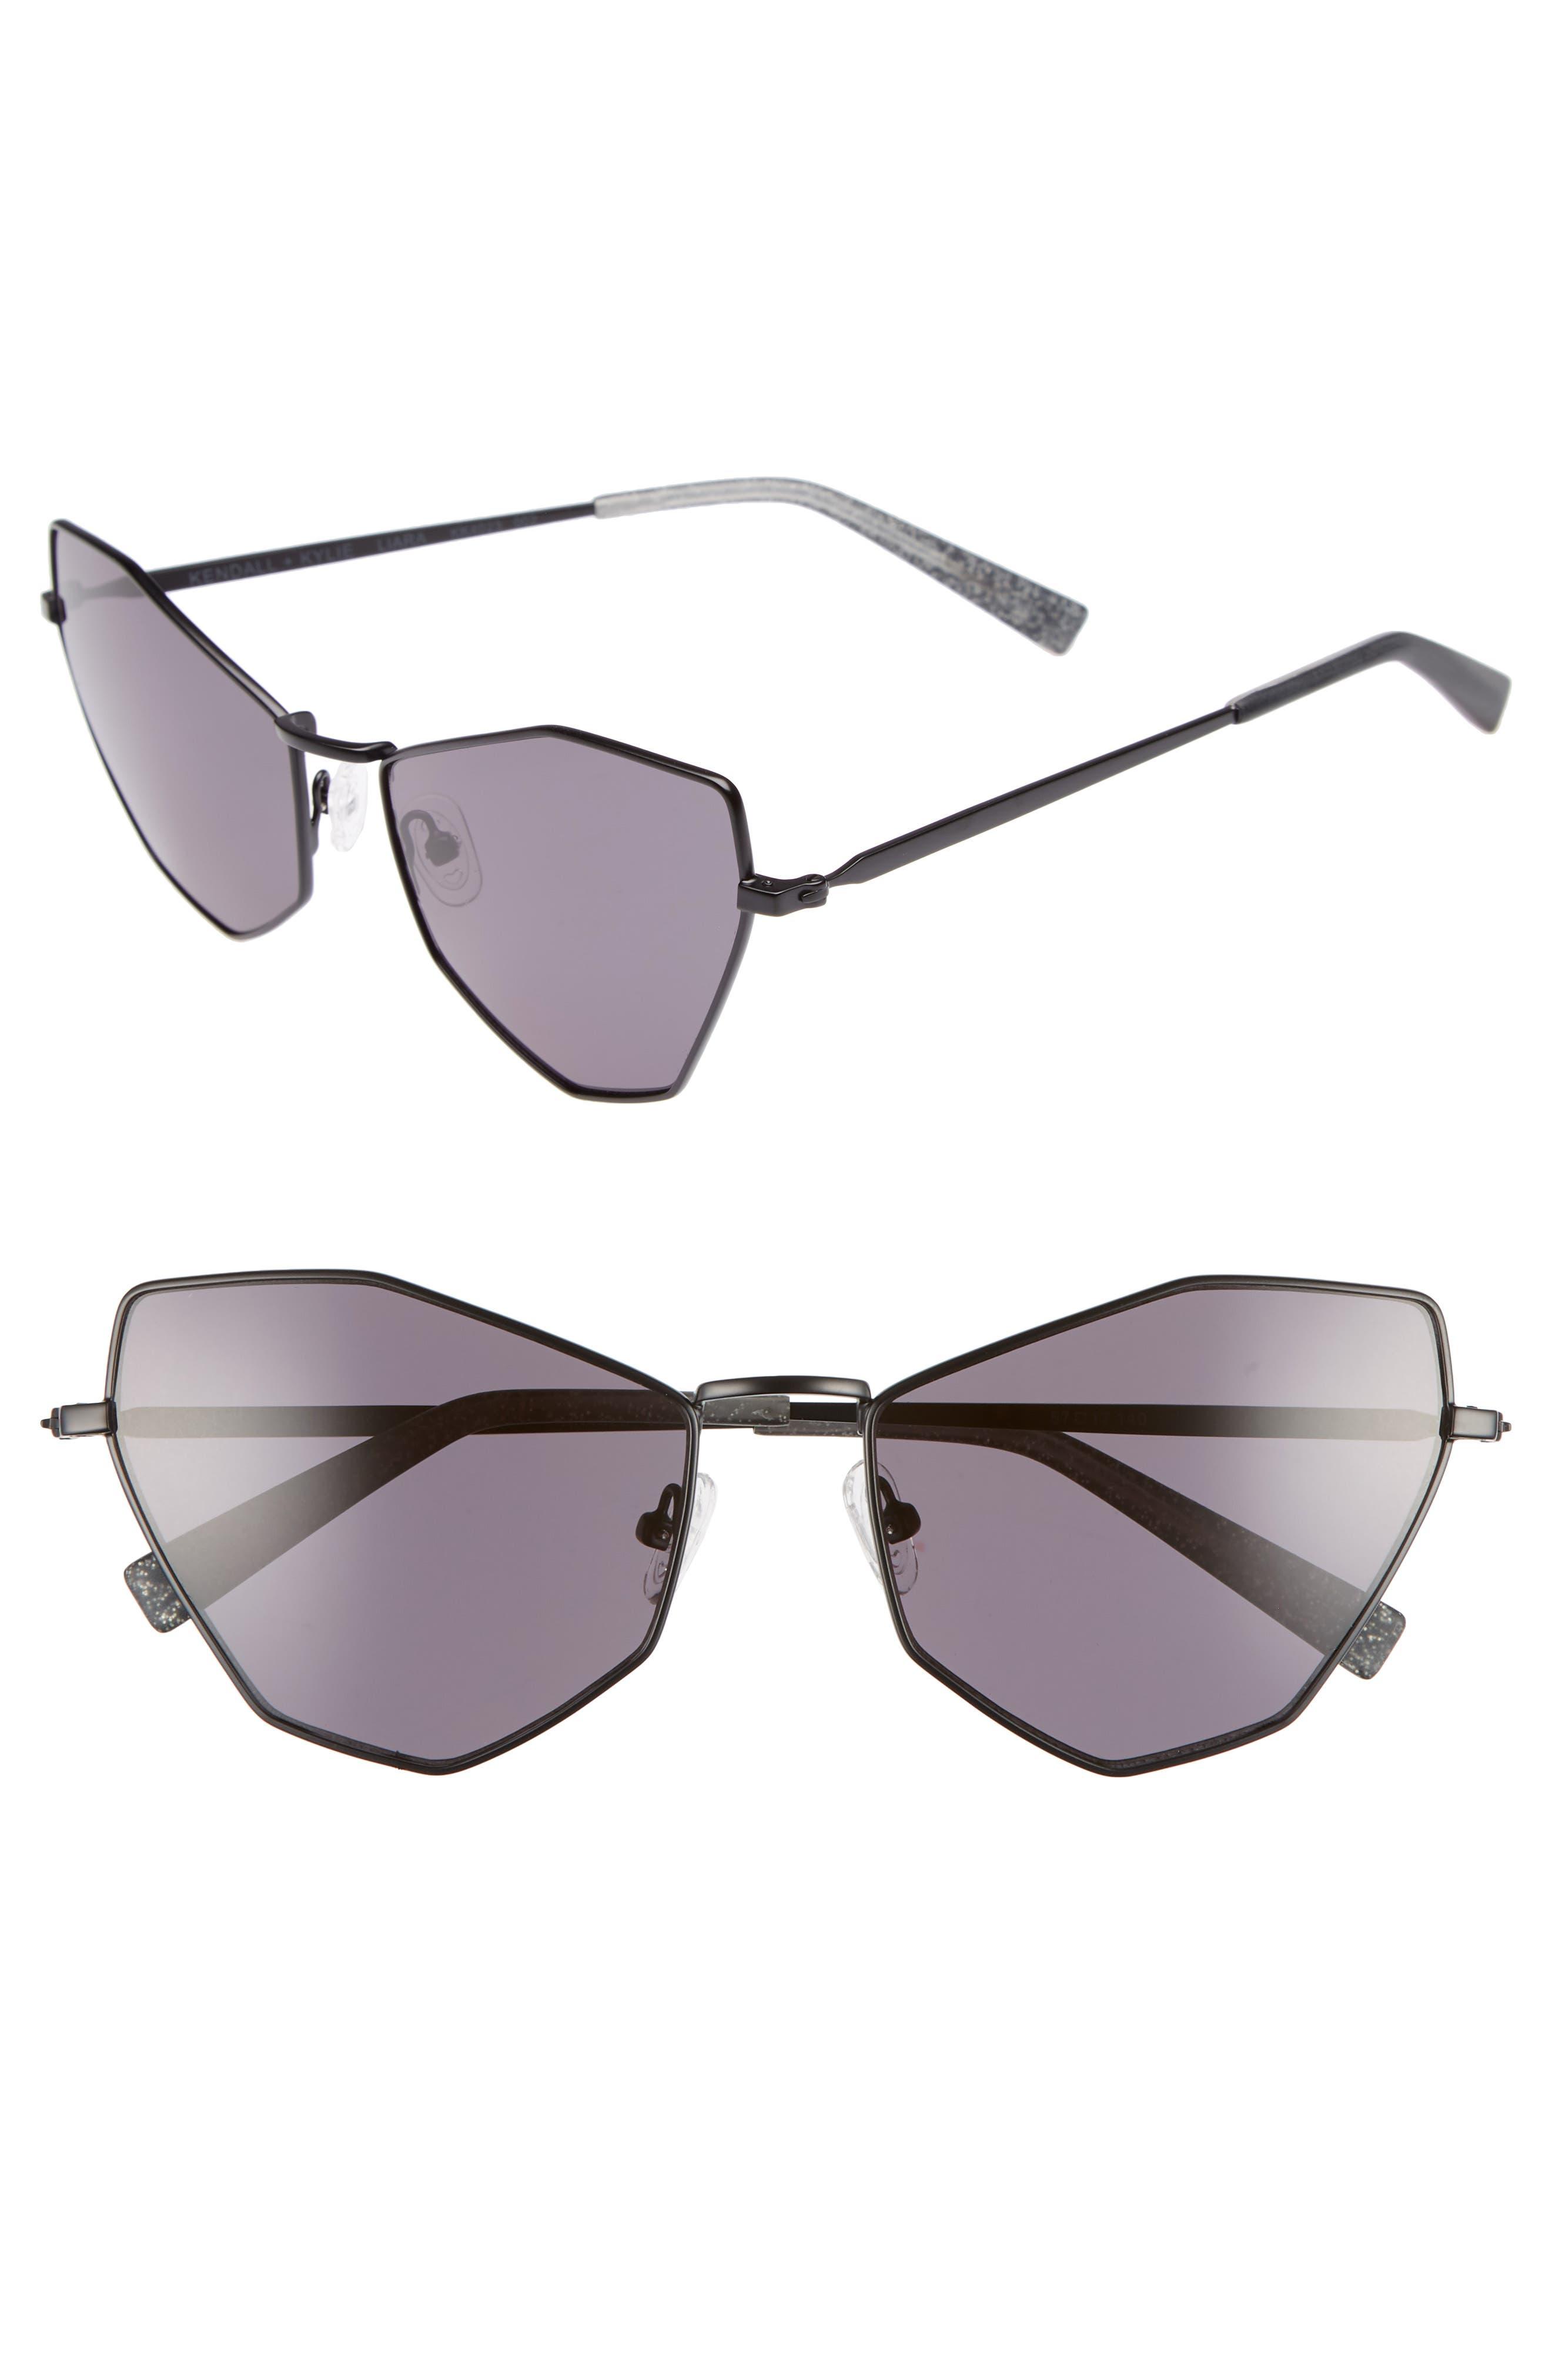 Liara 57mm Cat Eye Sunglasses,                         Main,                         color, BLACK METAL/ SOLID SMOKE